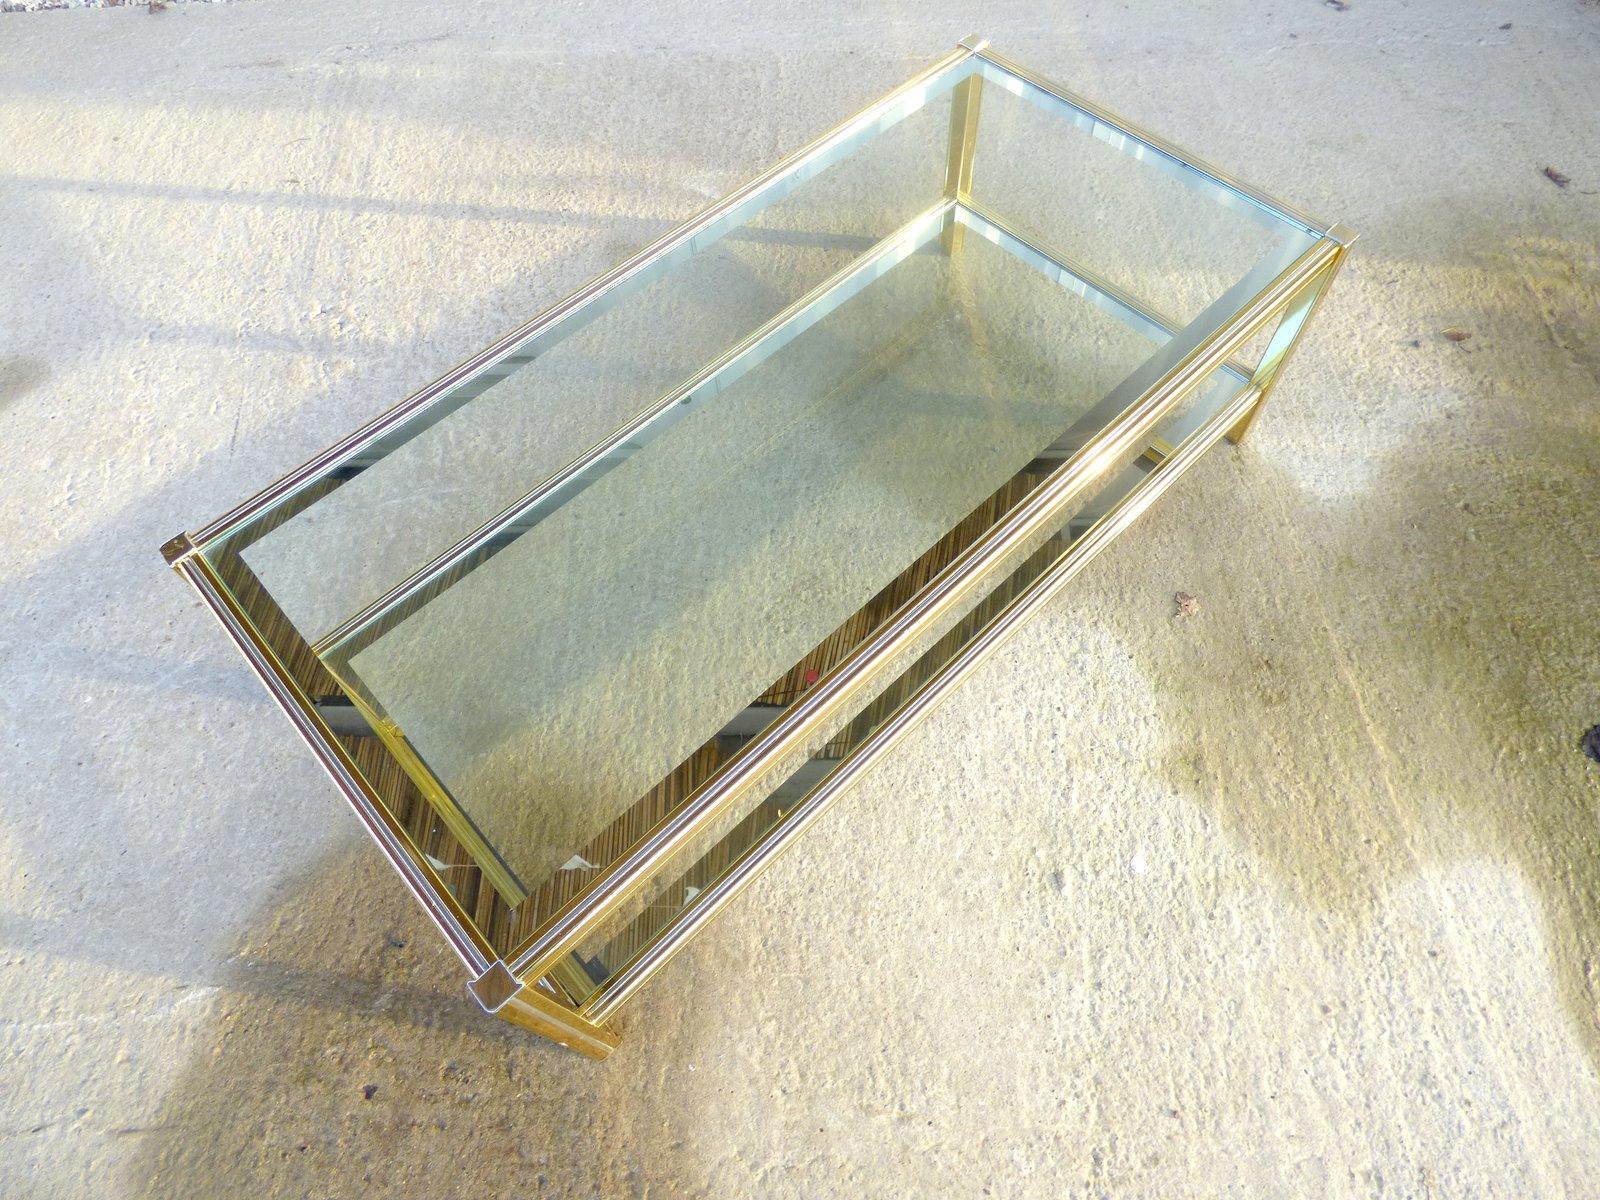 table basse vintage en m tal dor france en vente sur pamono. Black Bedroom Furniture Sets. Home Design Ideas